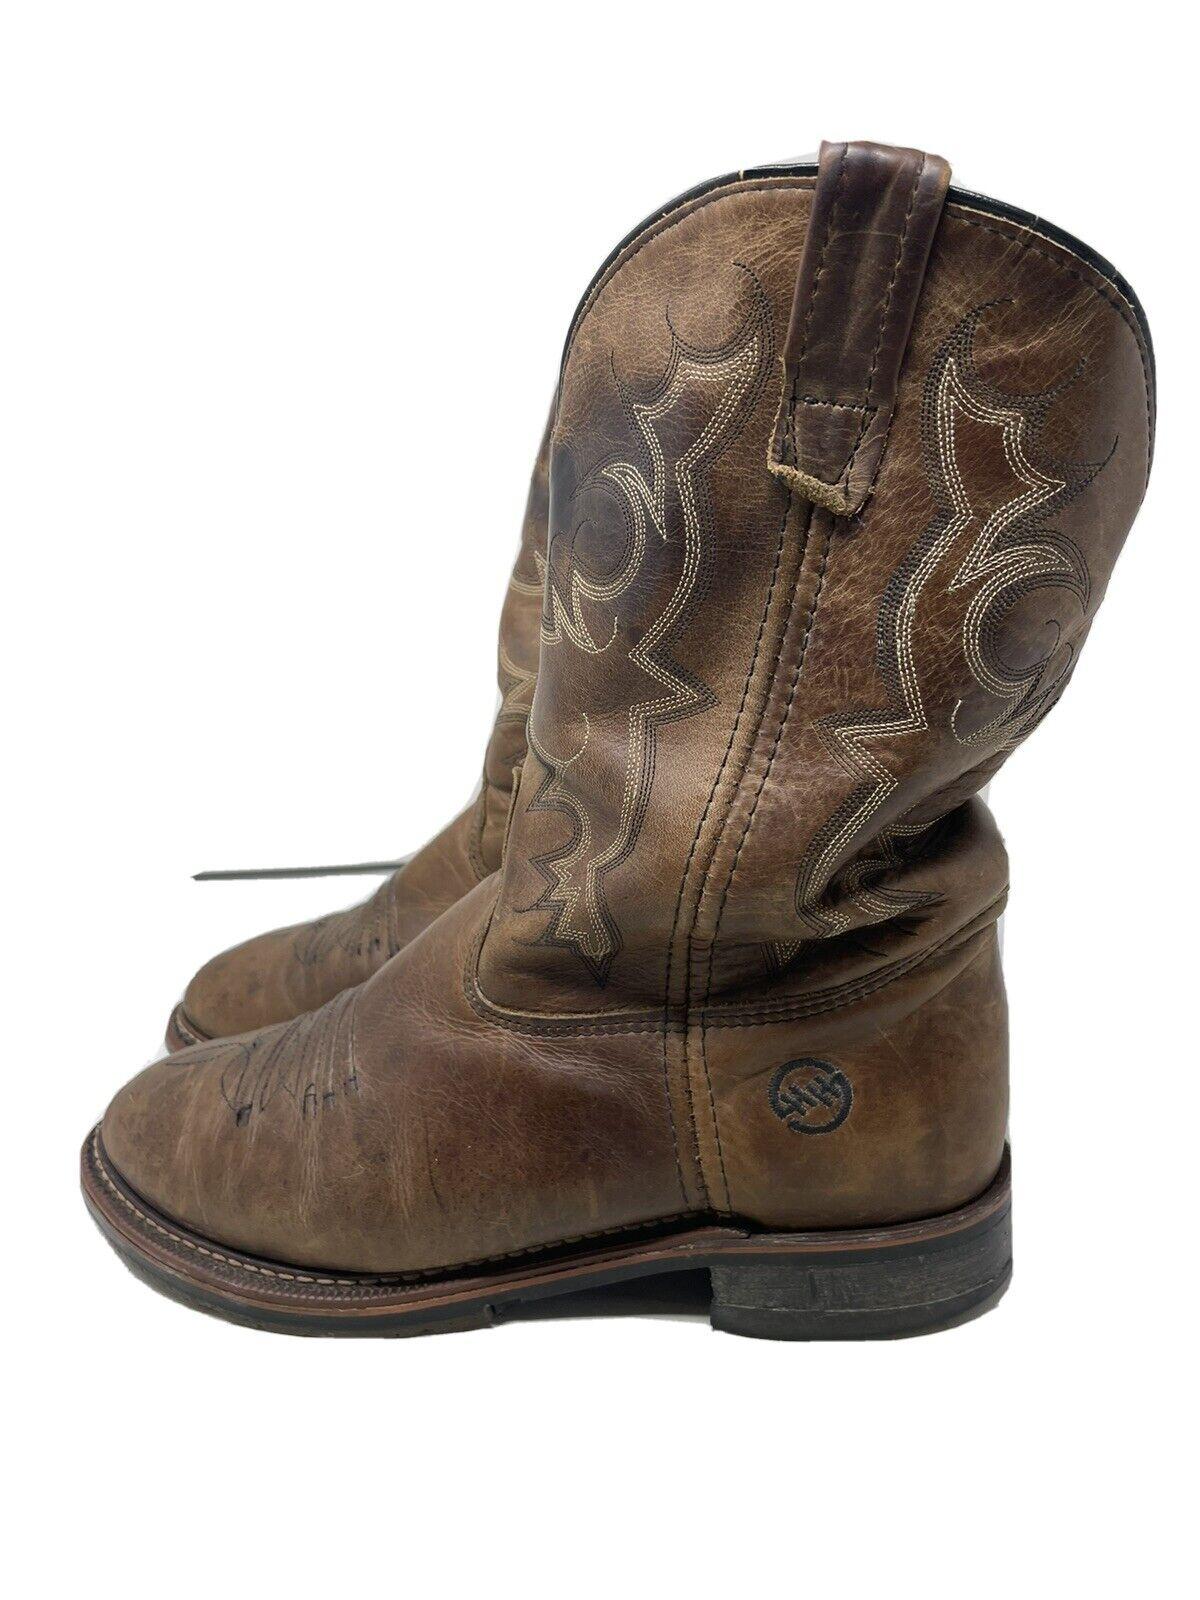 Double H DH3595 Men Brown Roper Boots Size 9.5 D